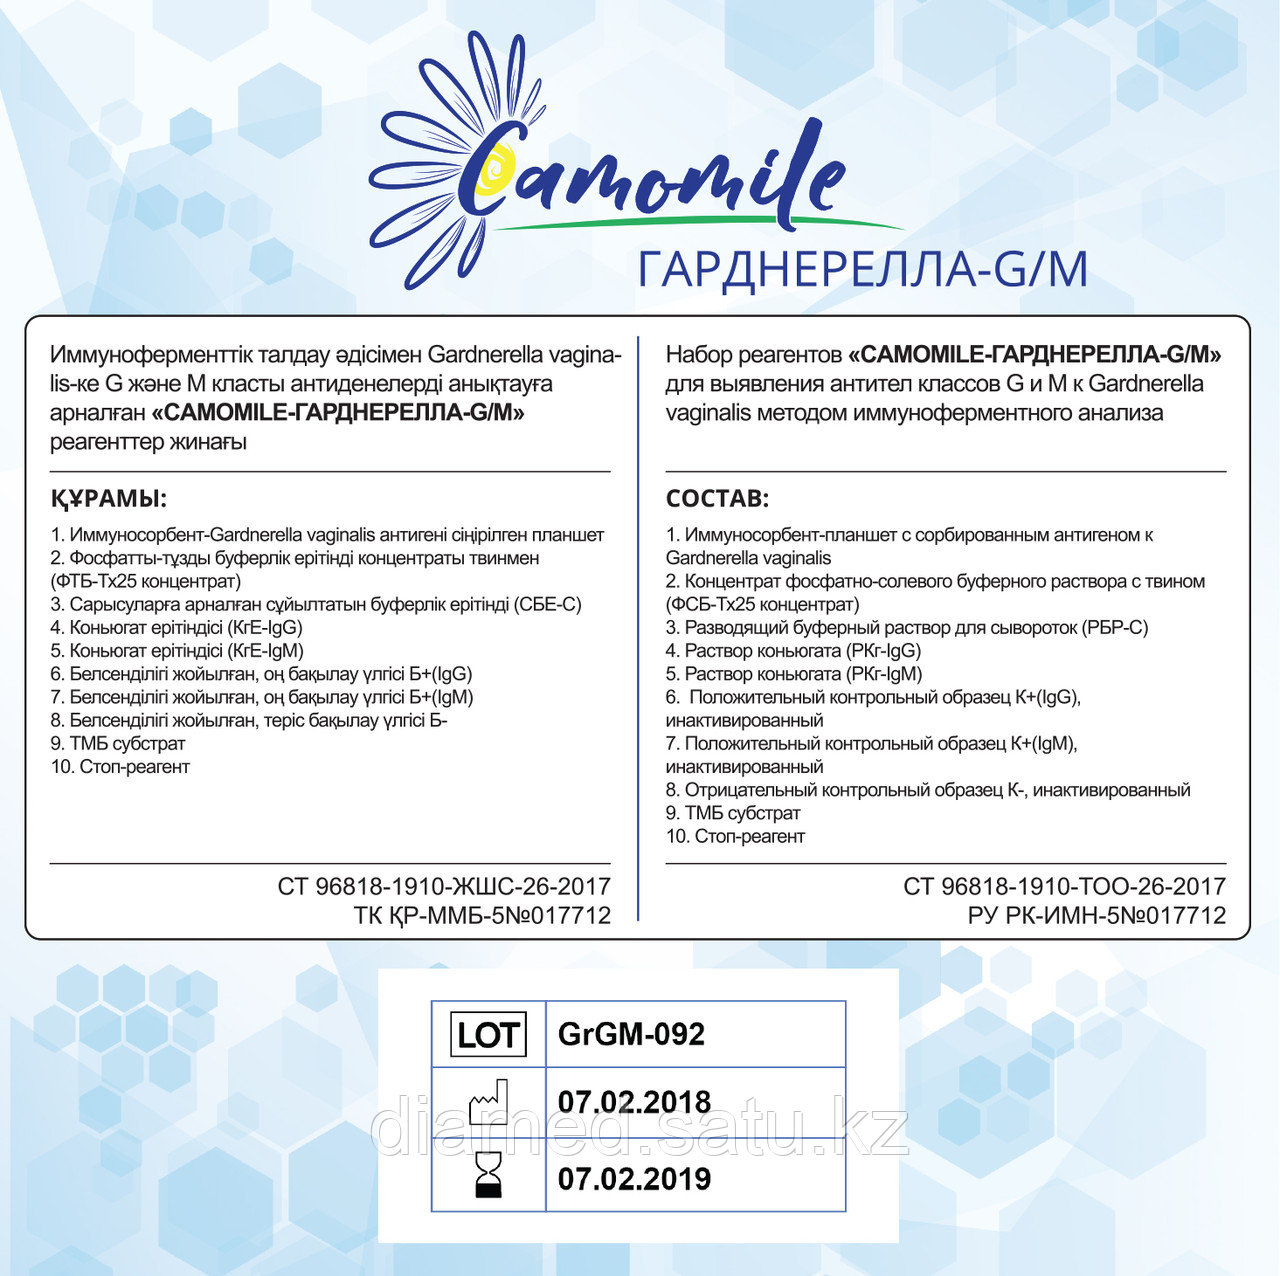 ИФА реагенты CAMOMILE-Гарднерелла-G/М